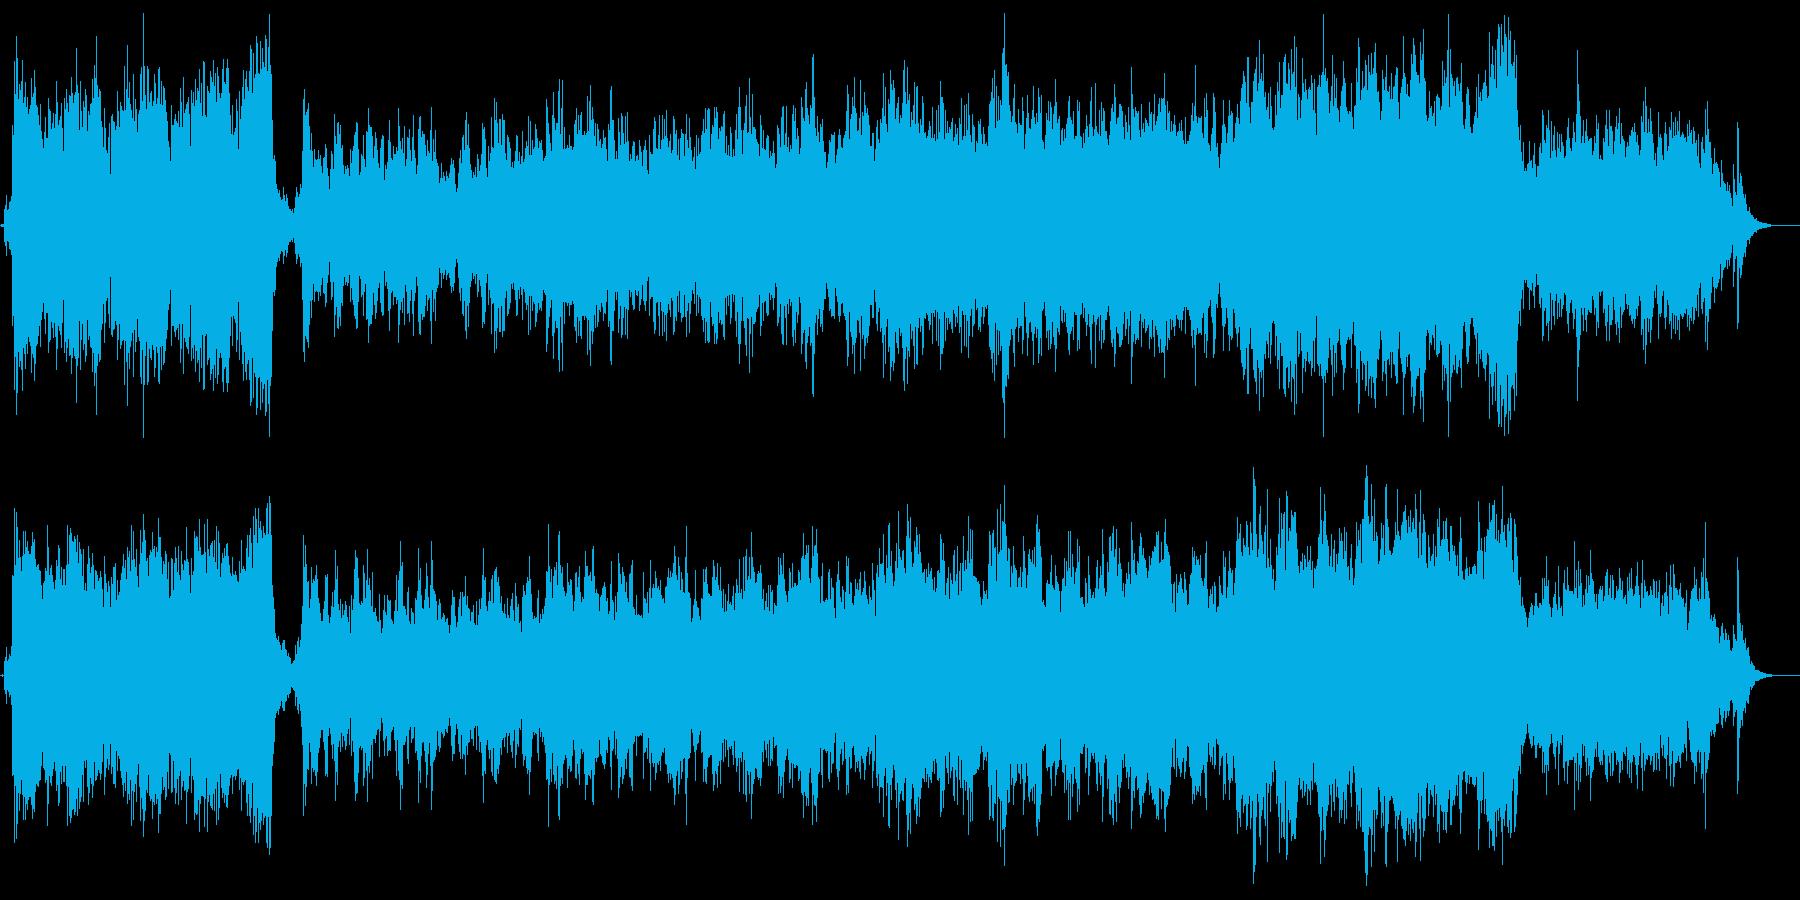 ファンファーレが特徴的な劇伴オーケストラの再生済みの波形